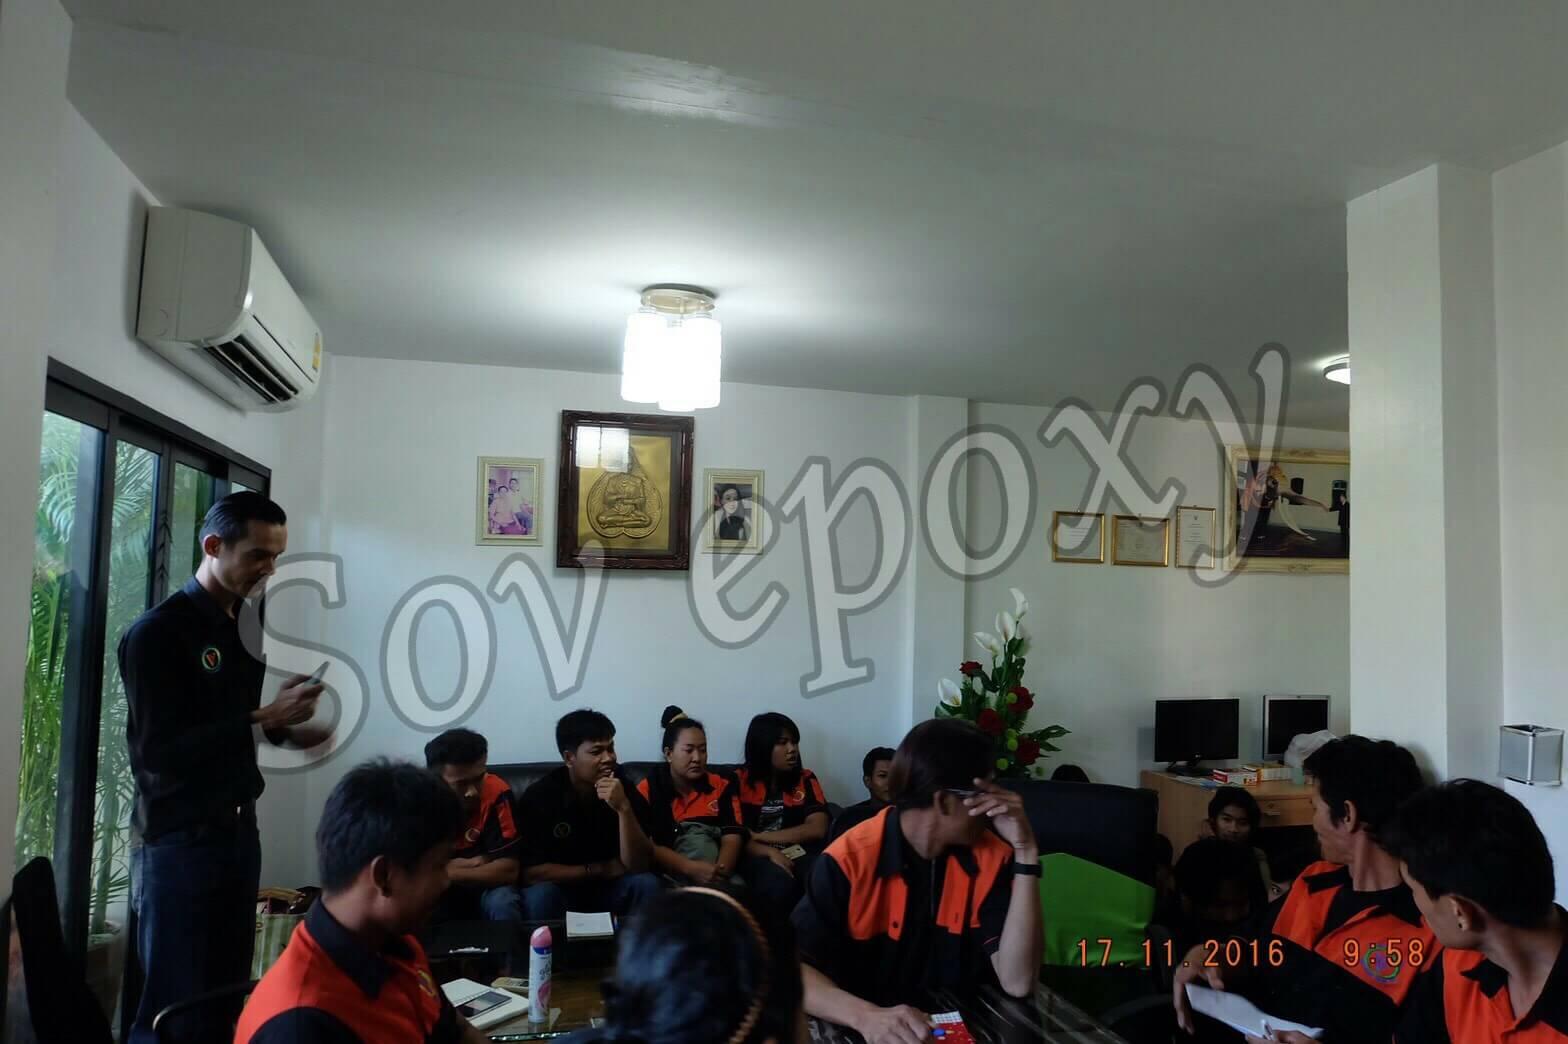 ประชุมช่างประจำปี 2559 บริษัทเอสโอวี อีพ็อกซี่ จำกัด 18